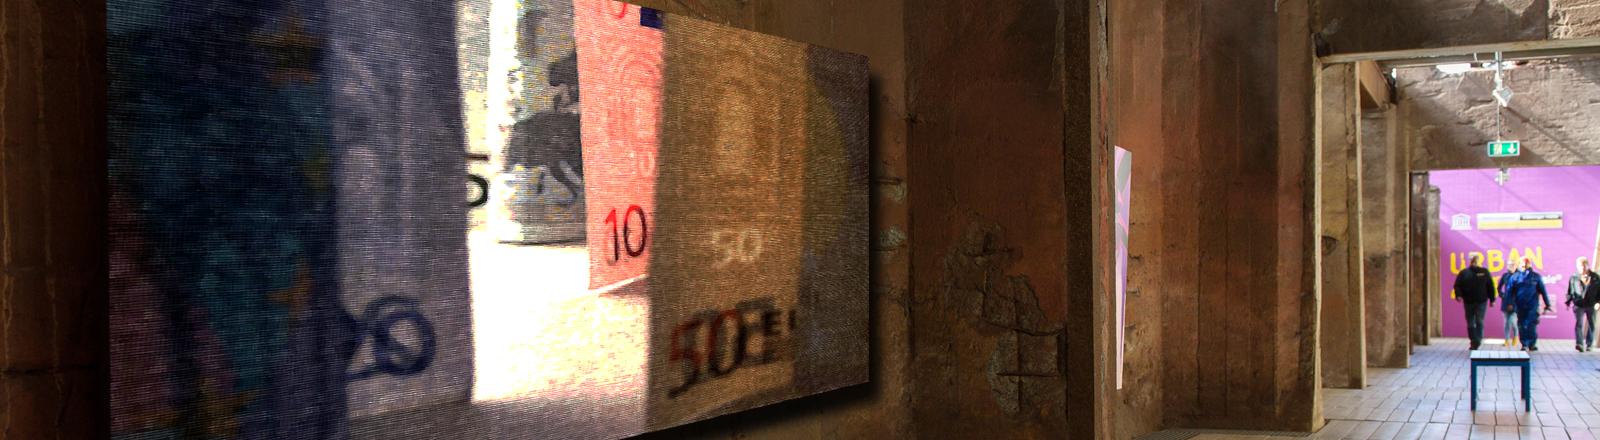 Eine Kunsthalle, darin als Collage von Geldscheinen stilisiert als Ölgemälde